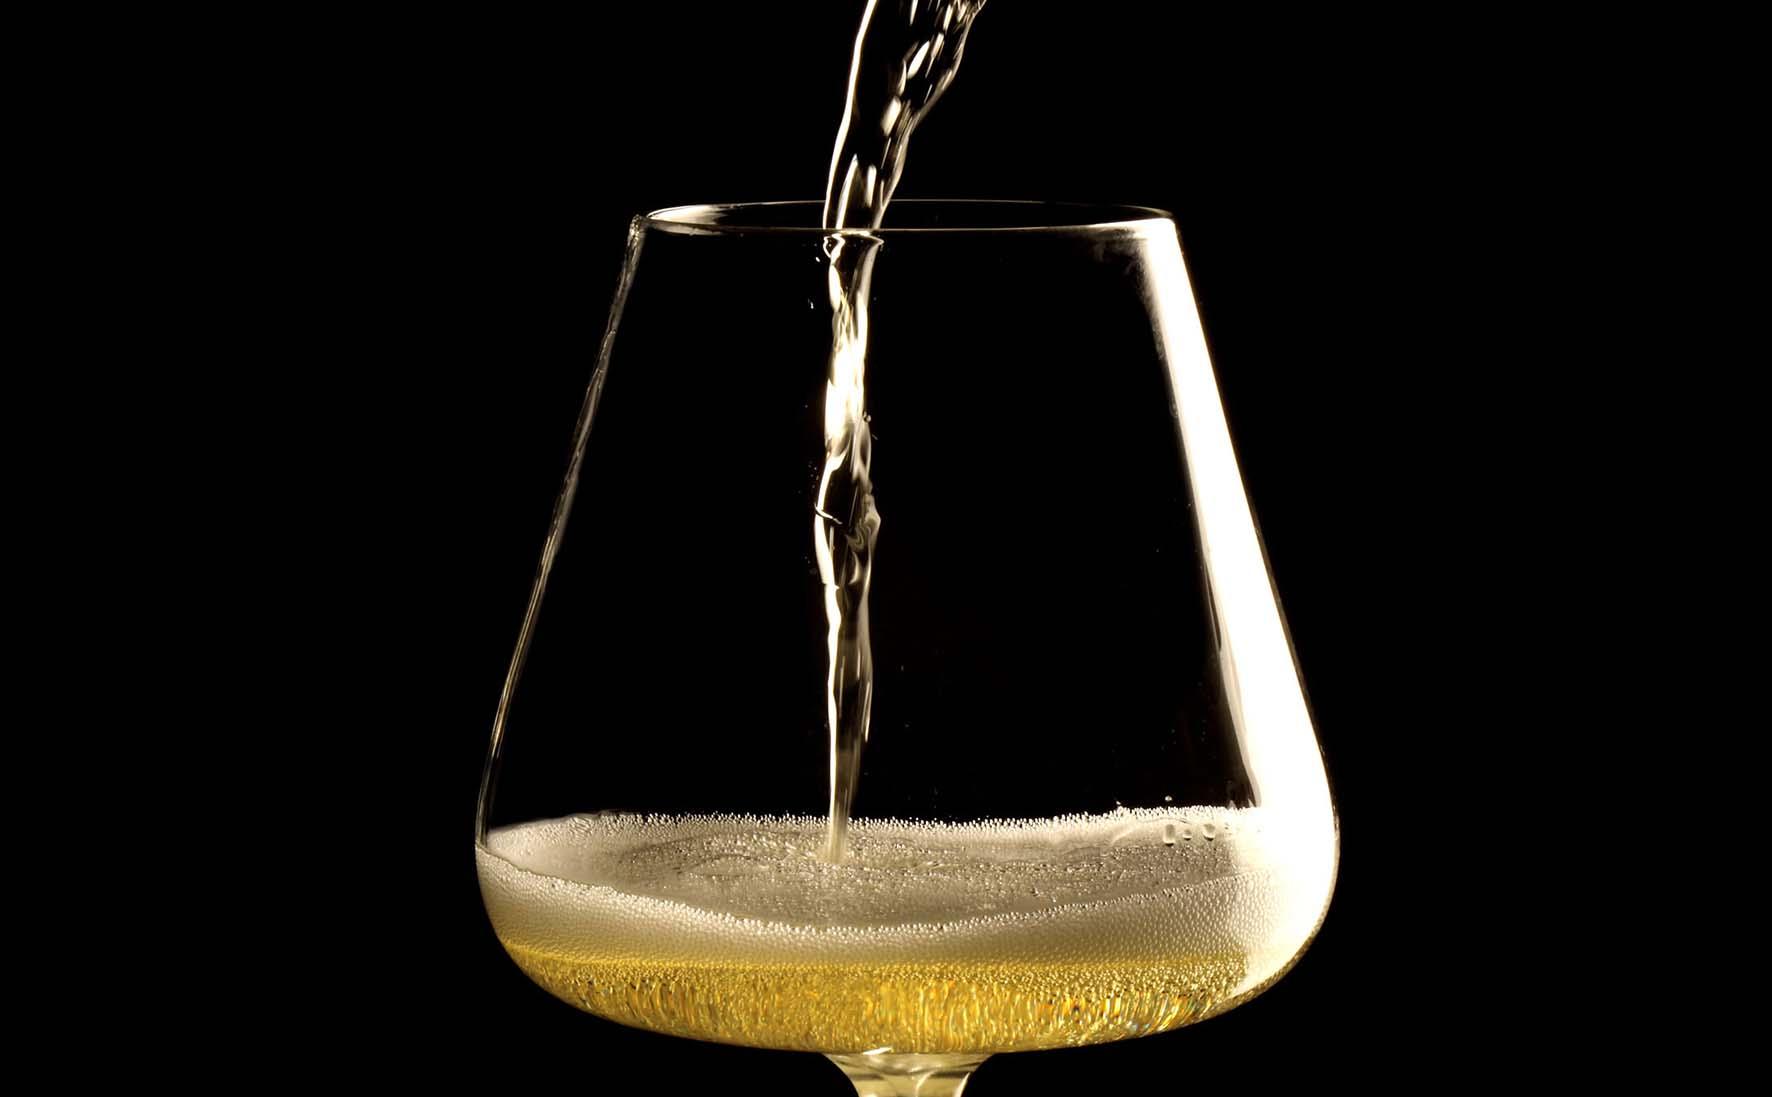 Bicchiere da spumante casa del vino isera Bicchiere perlage 1 1